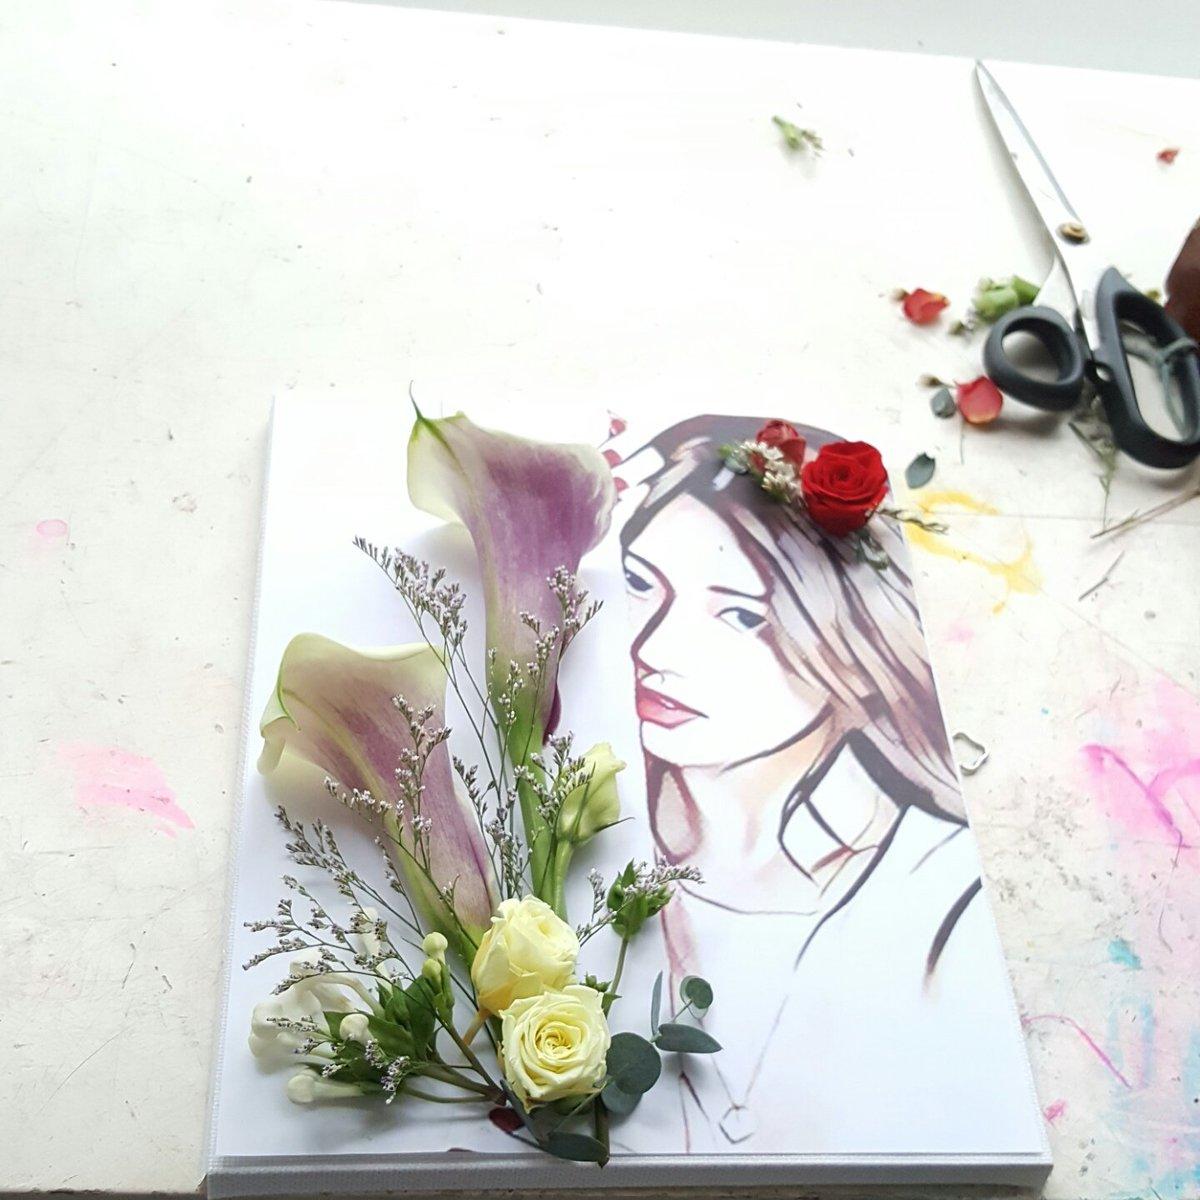 제목을 꽃보다수지로 해야겠네요 꽃보다 예쁘면 어쩔~  이제 하루!  suzy Over Flowers https://t.co/pfdmWPzh9Z